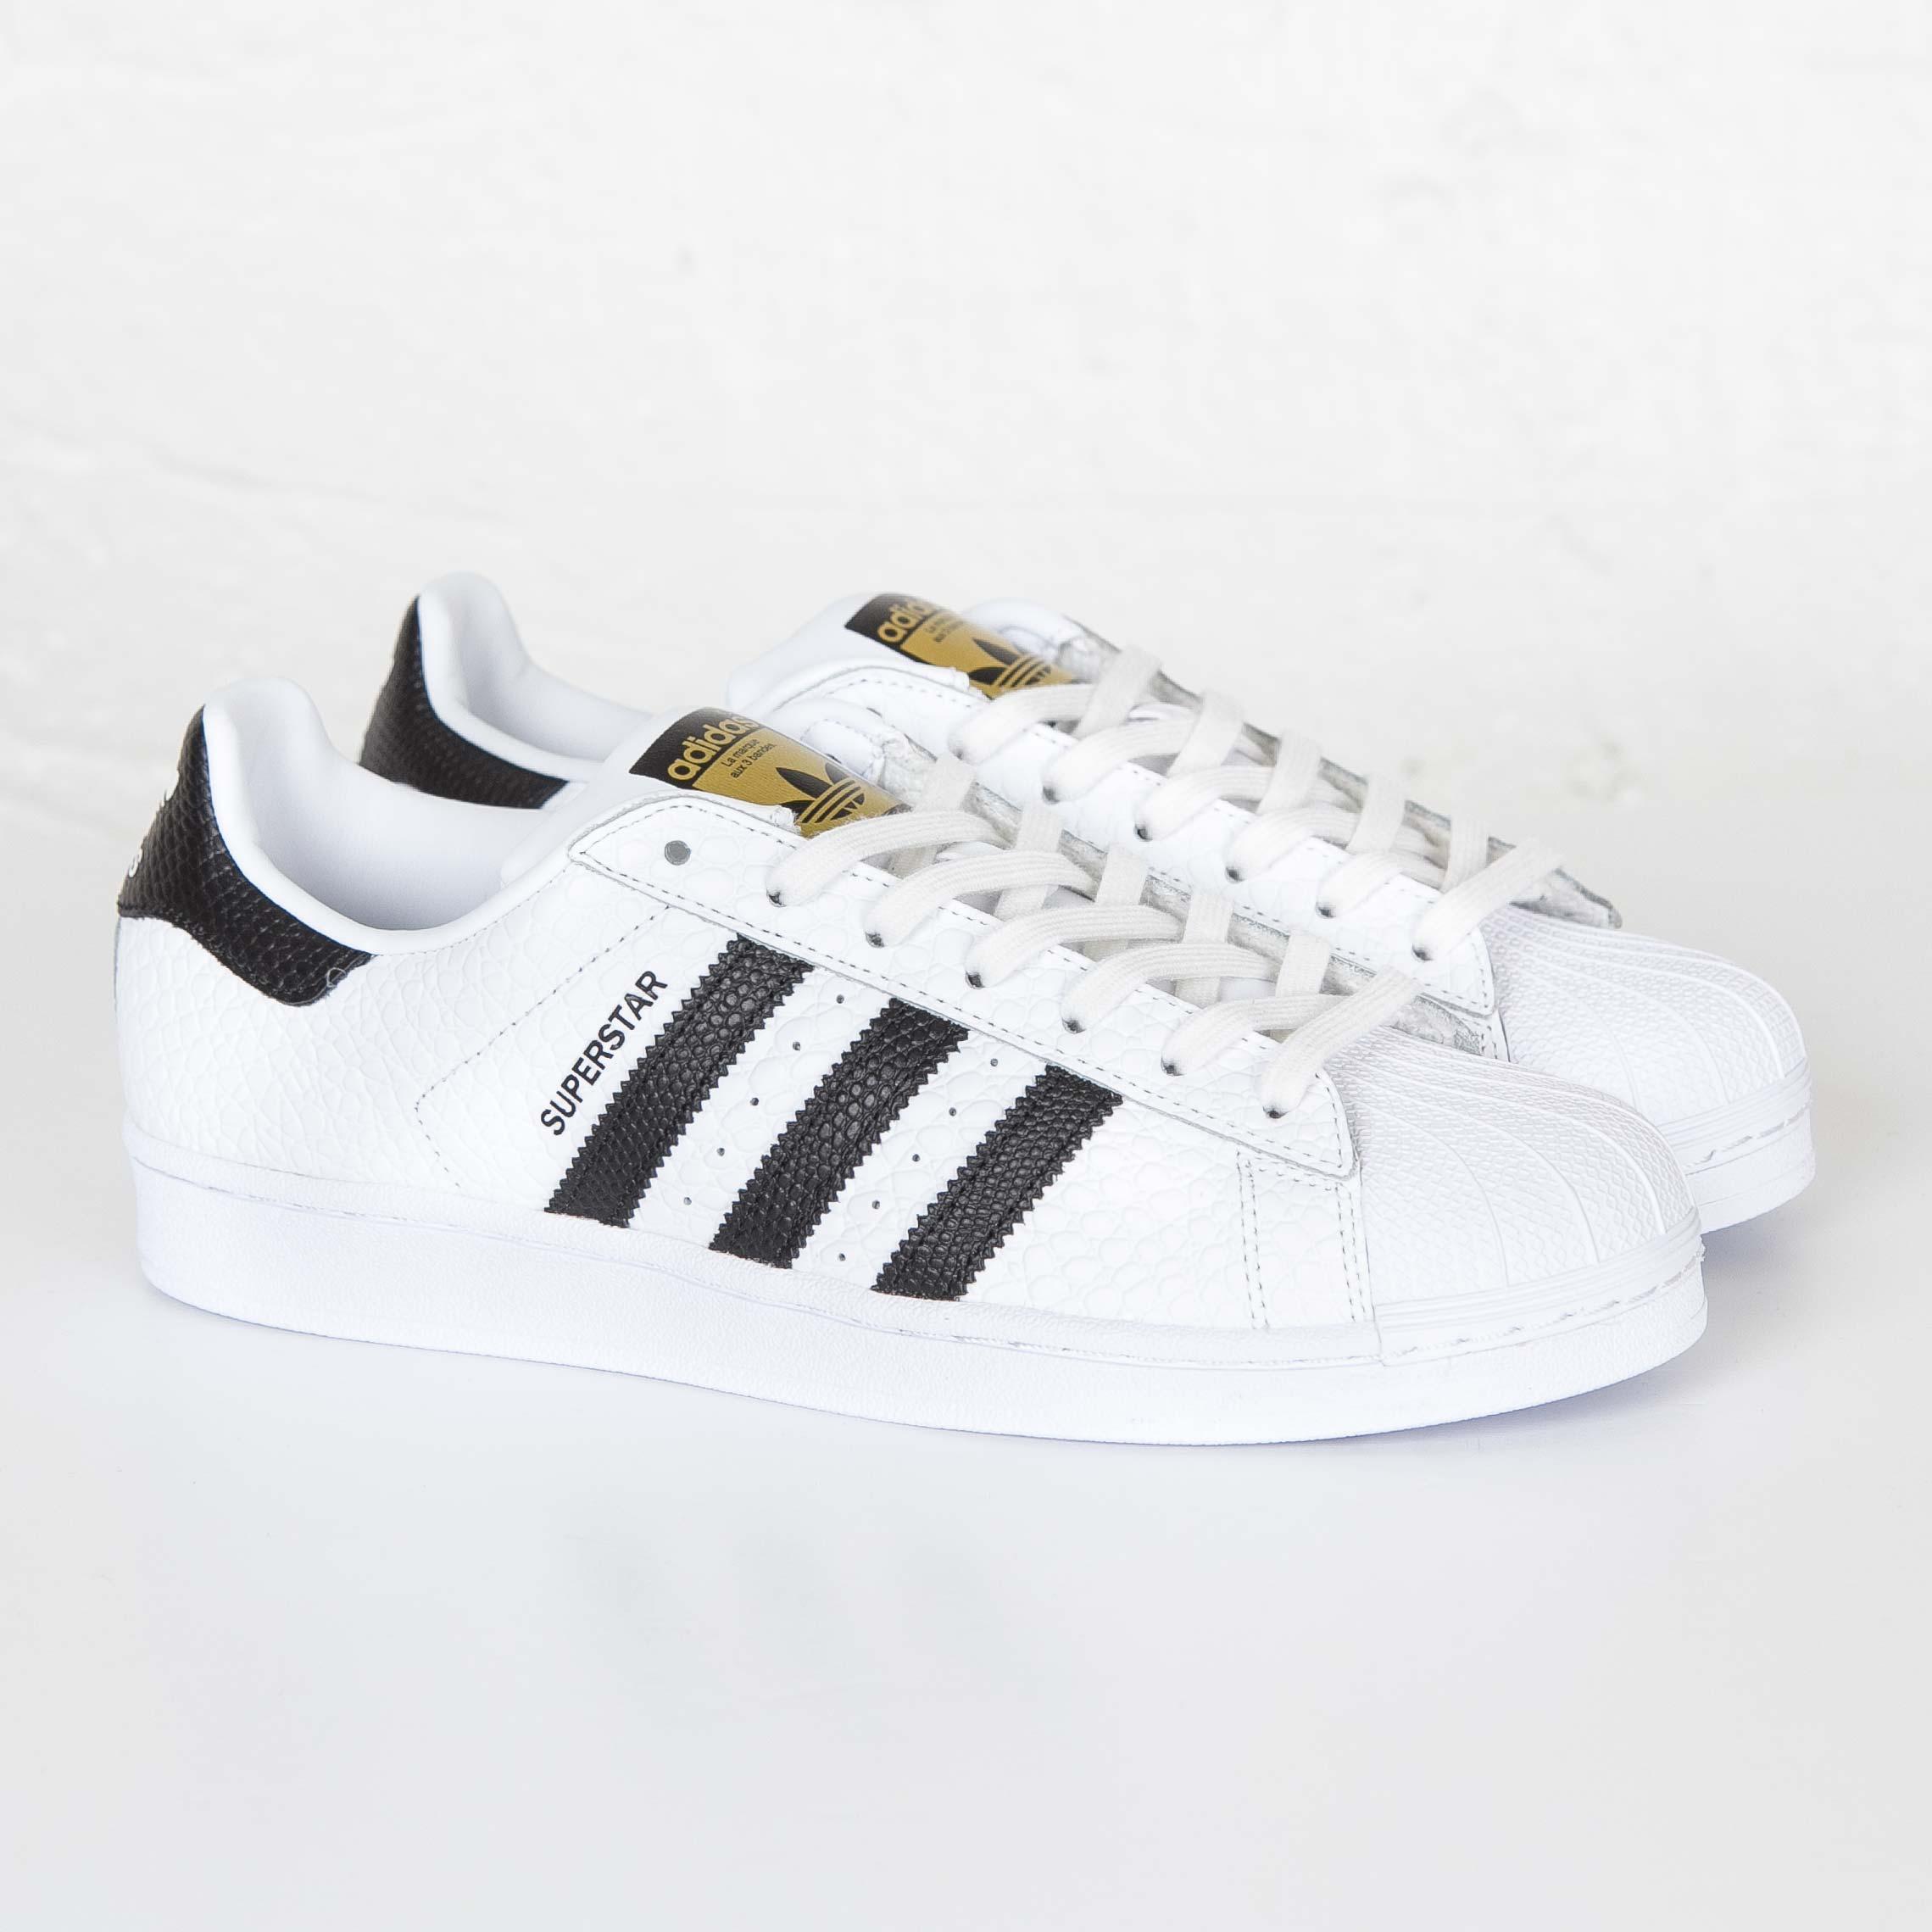 adidas Superstar Animal - S75157 - SNS | sneakers & streetwear ...